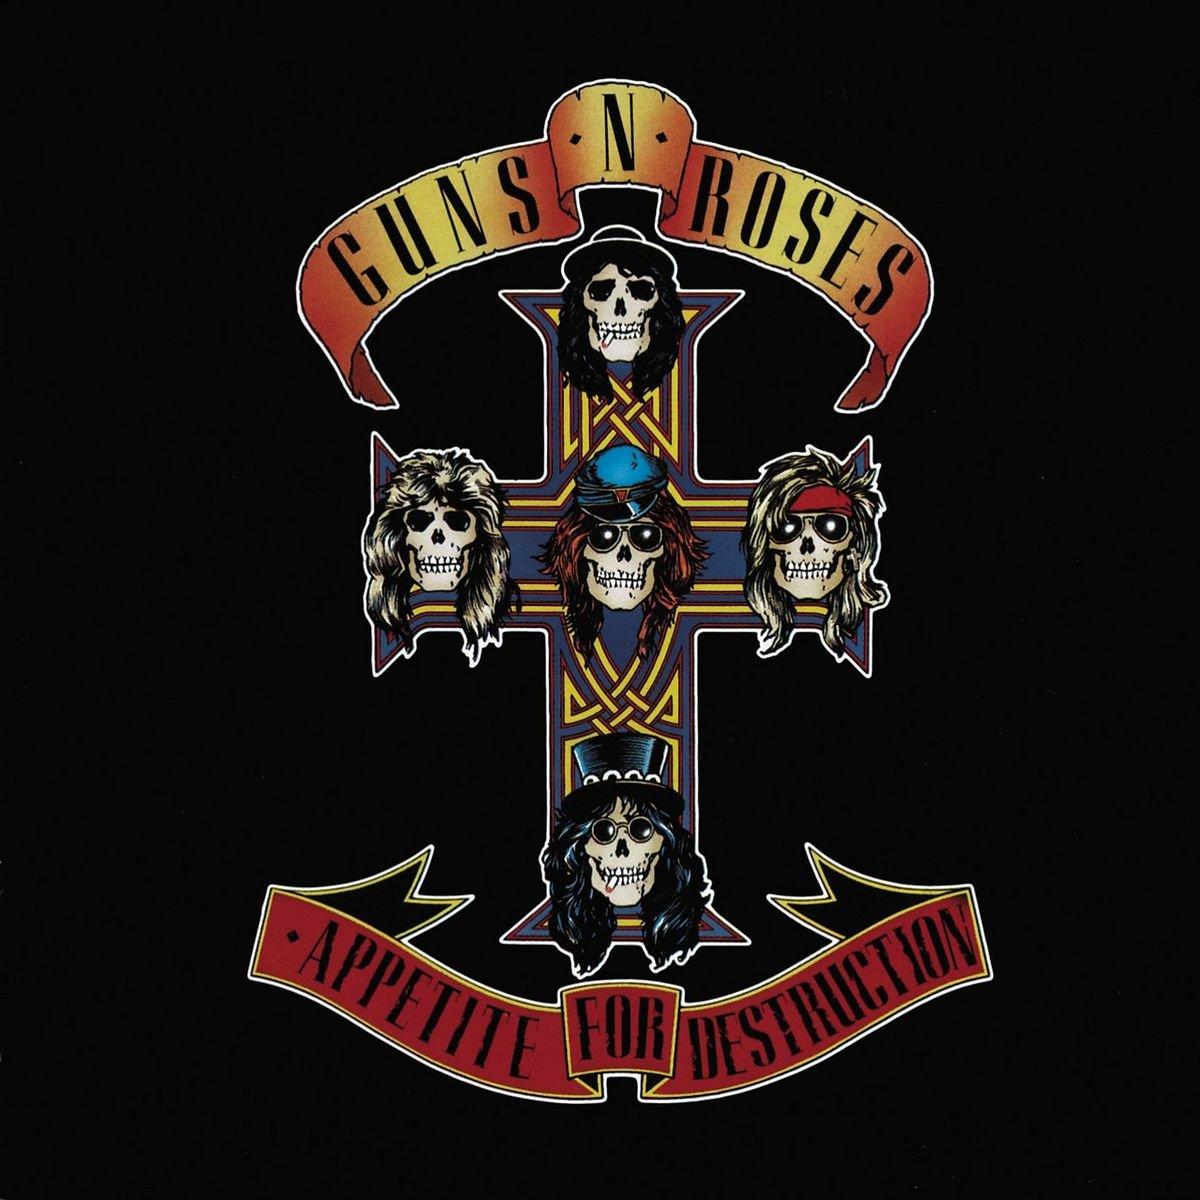 Appetite For Destruction-Guns 'N' Roses (1987)